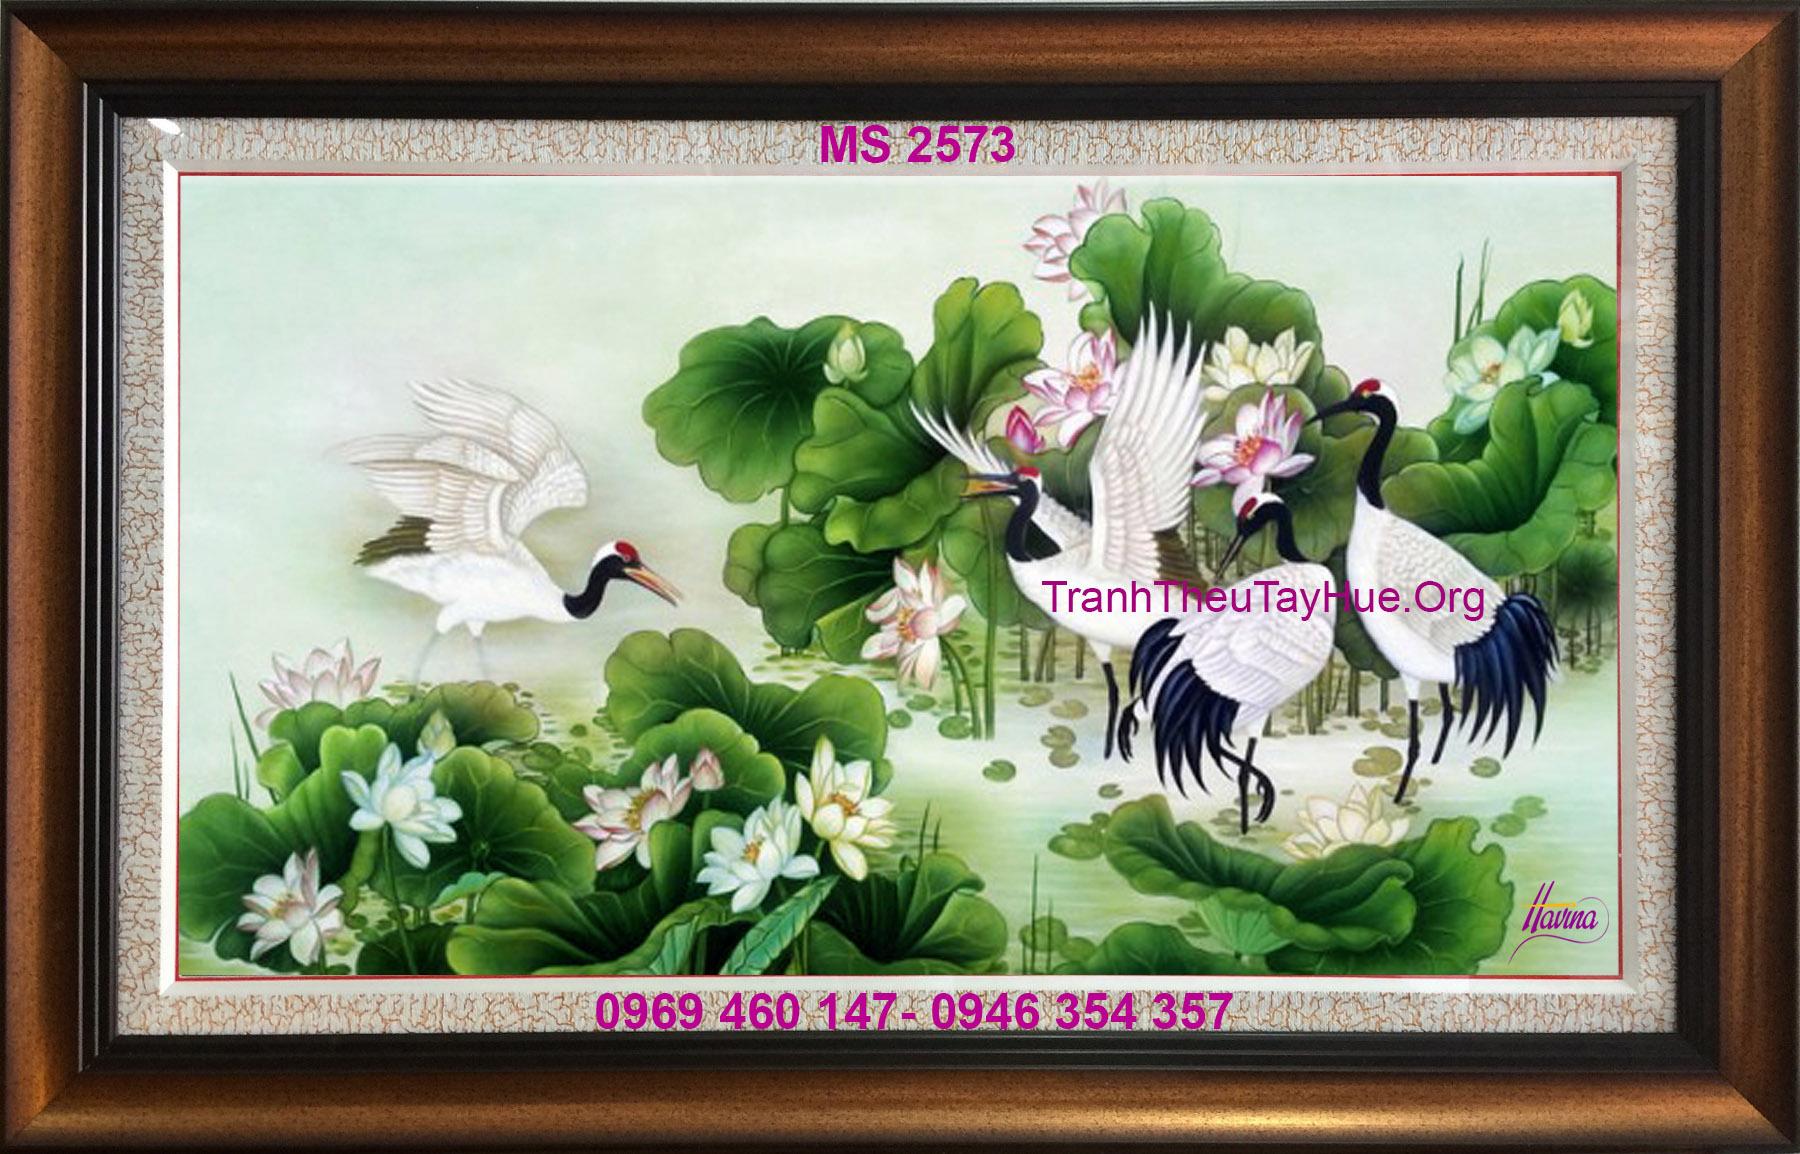 tranh-theu-hoa-sen-2573